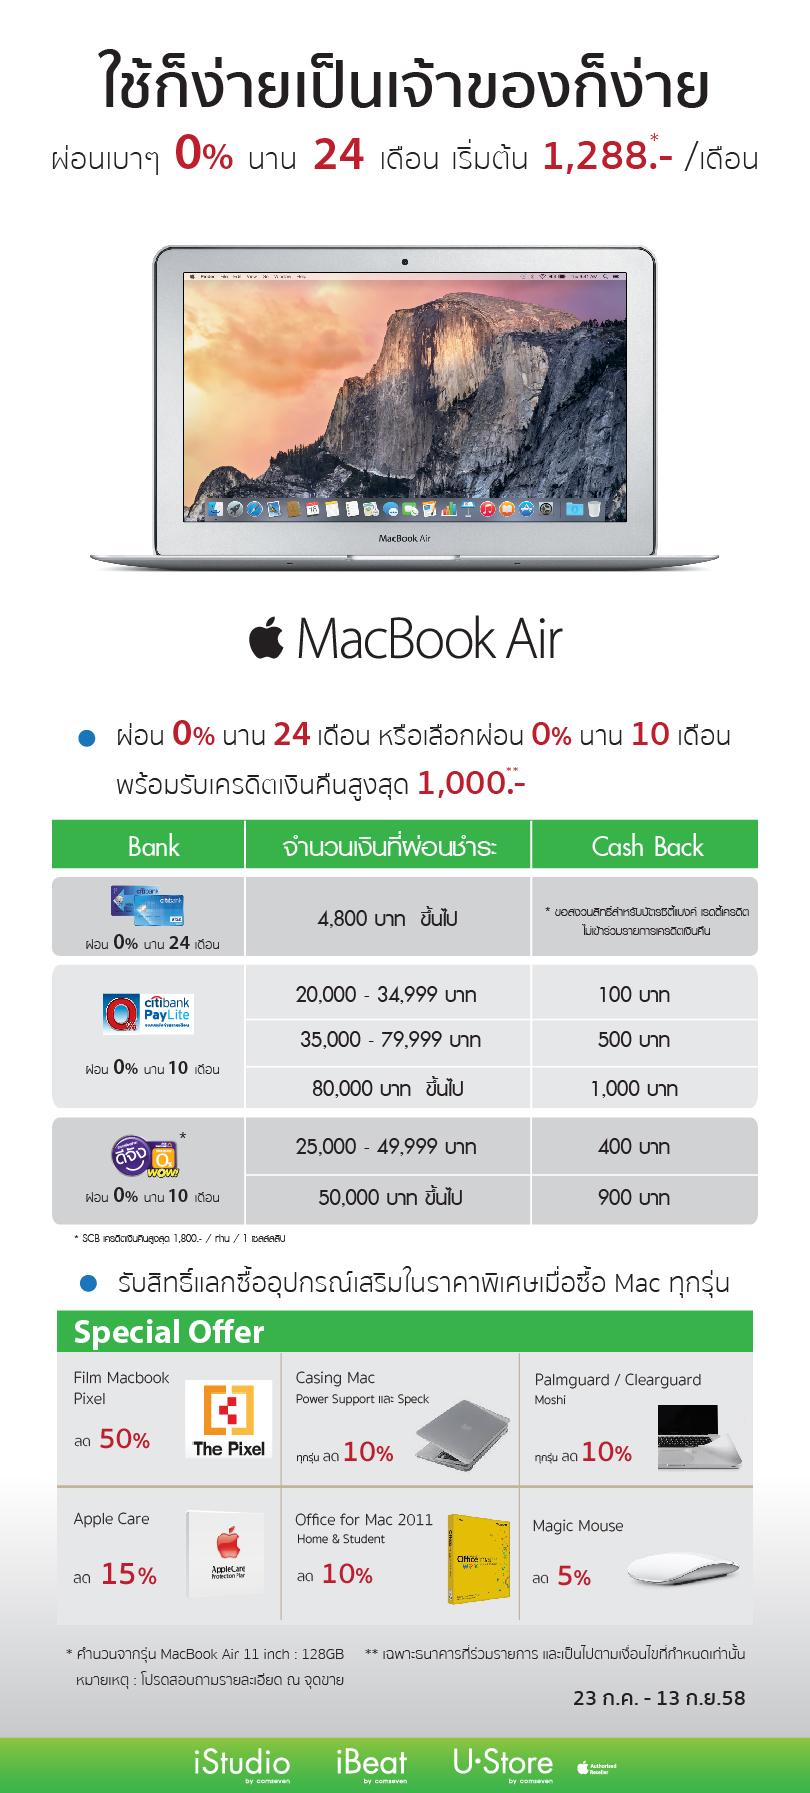 Mac_iStudio_Web_Facebook